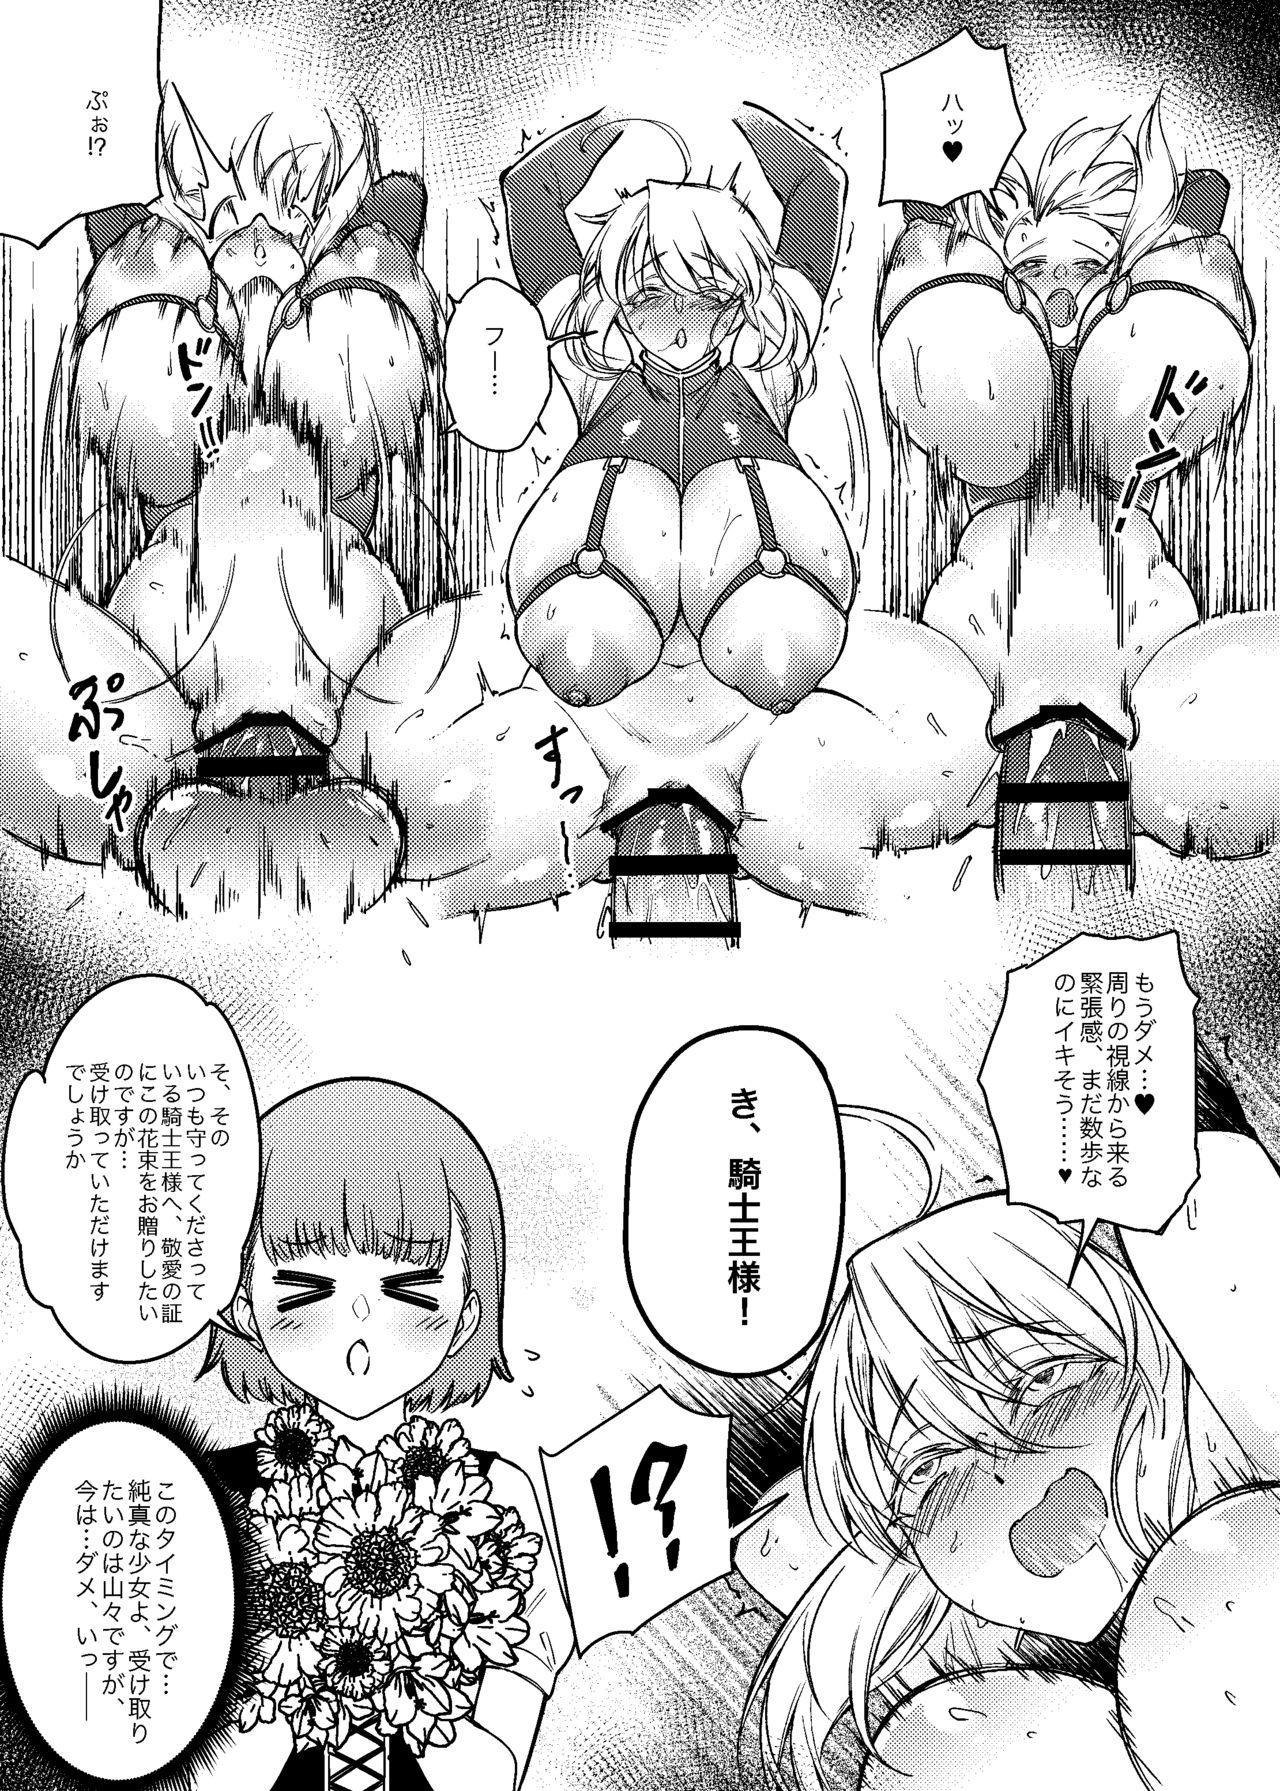 Hakuba ni Norareru Kishi 3 9